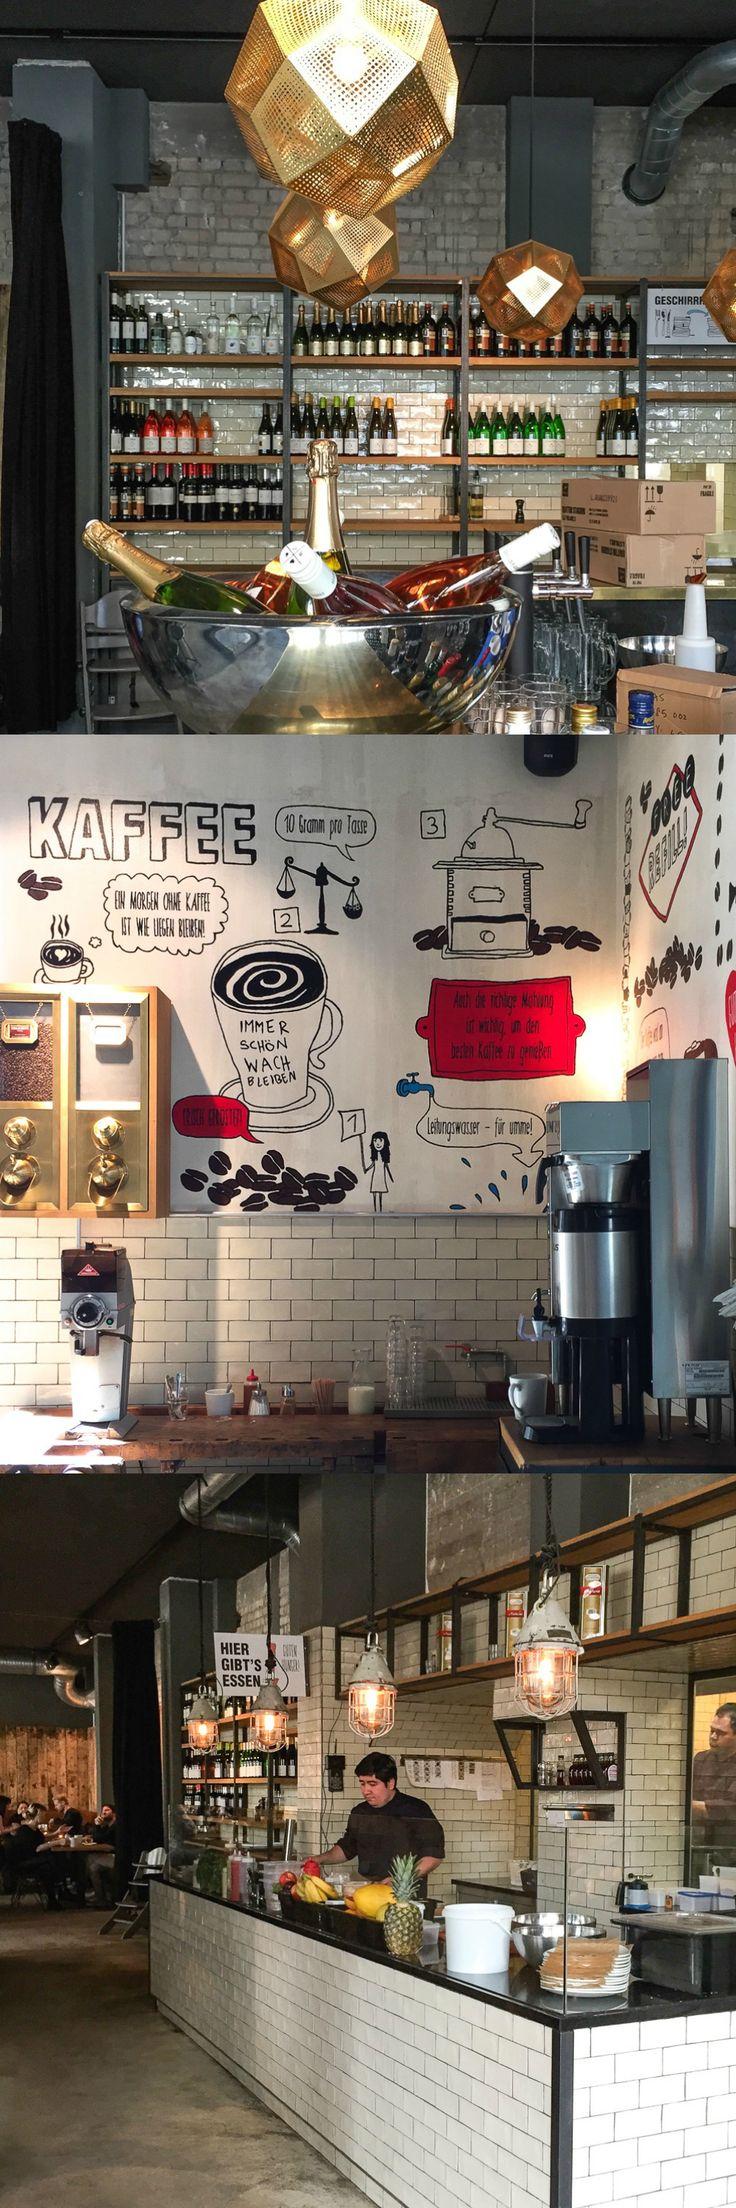 Kaffee kuchen mitte berlin